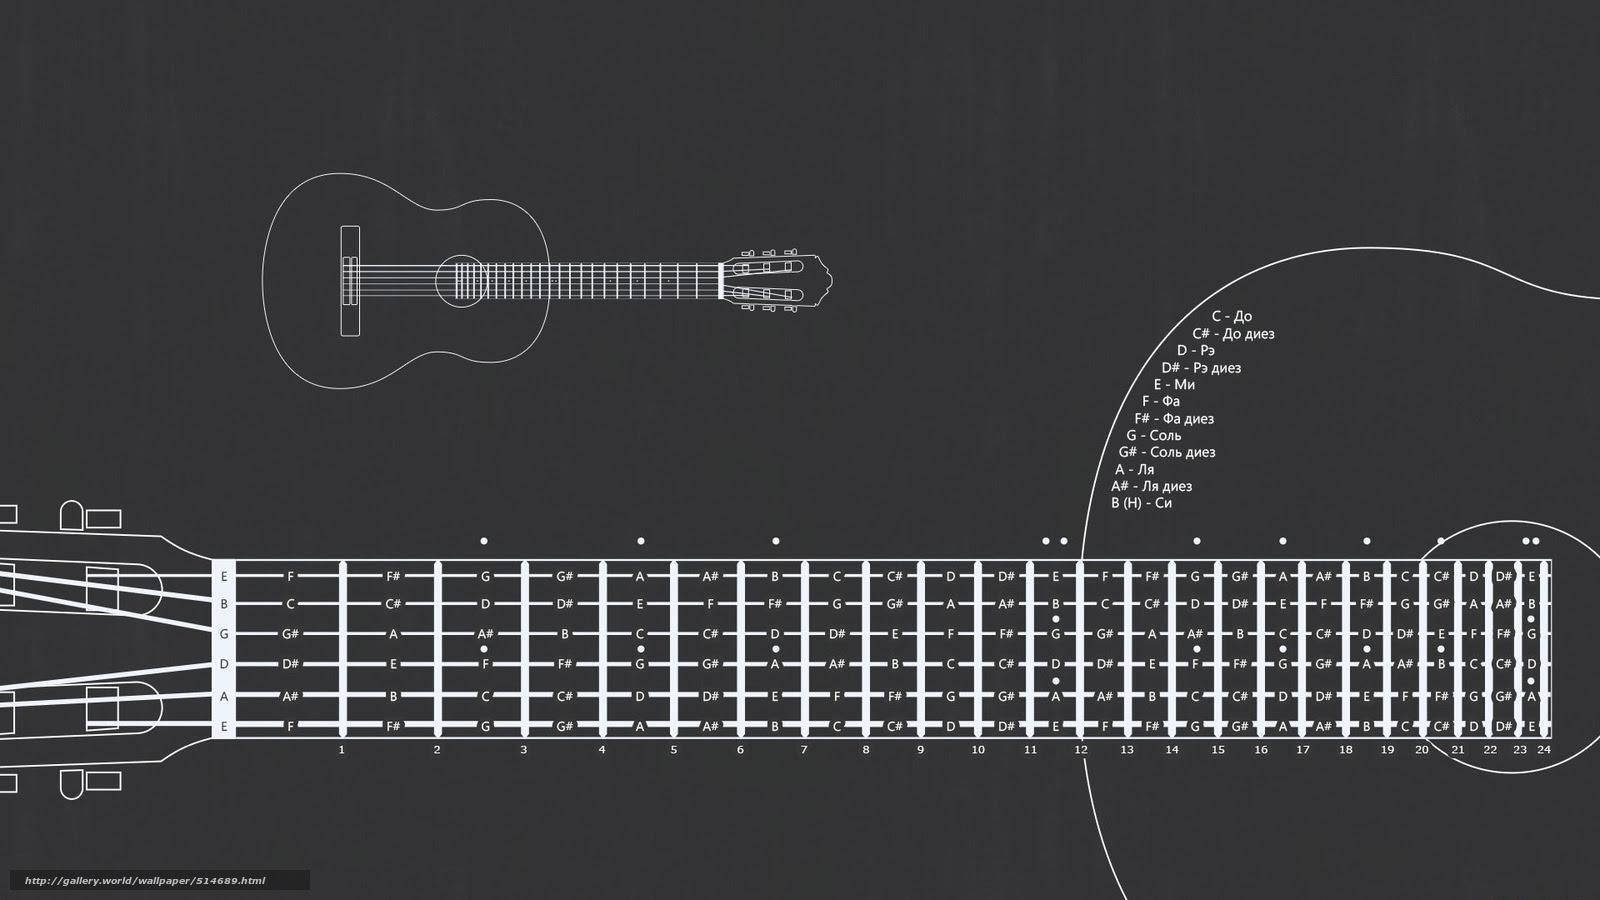 壁紙をダウンロード 描画 和音 ハゲワシ ギター デスクトップの